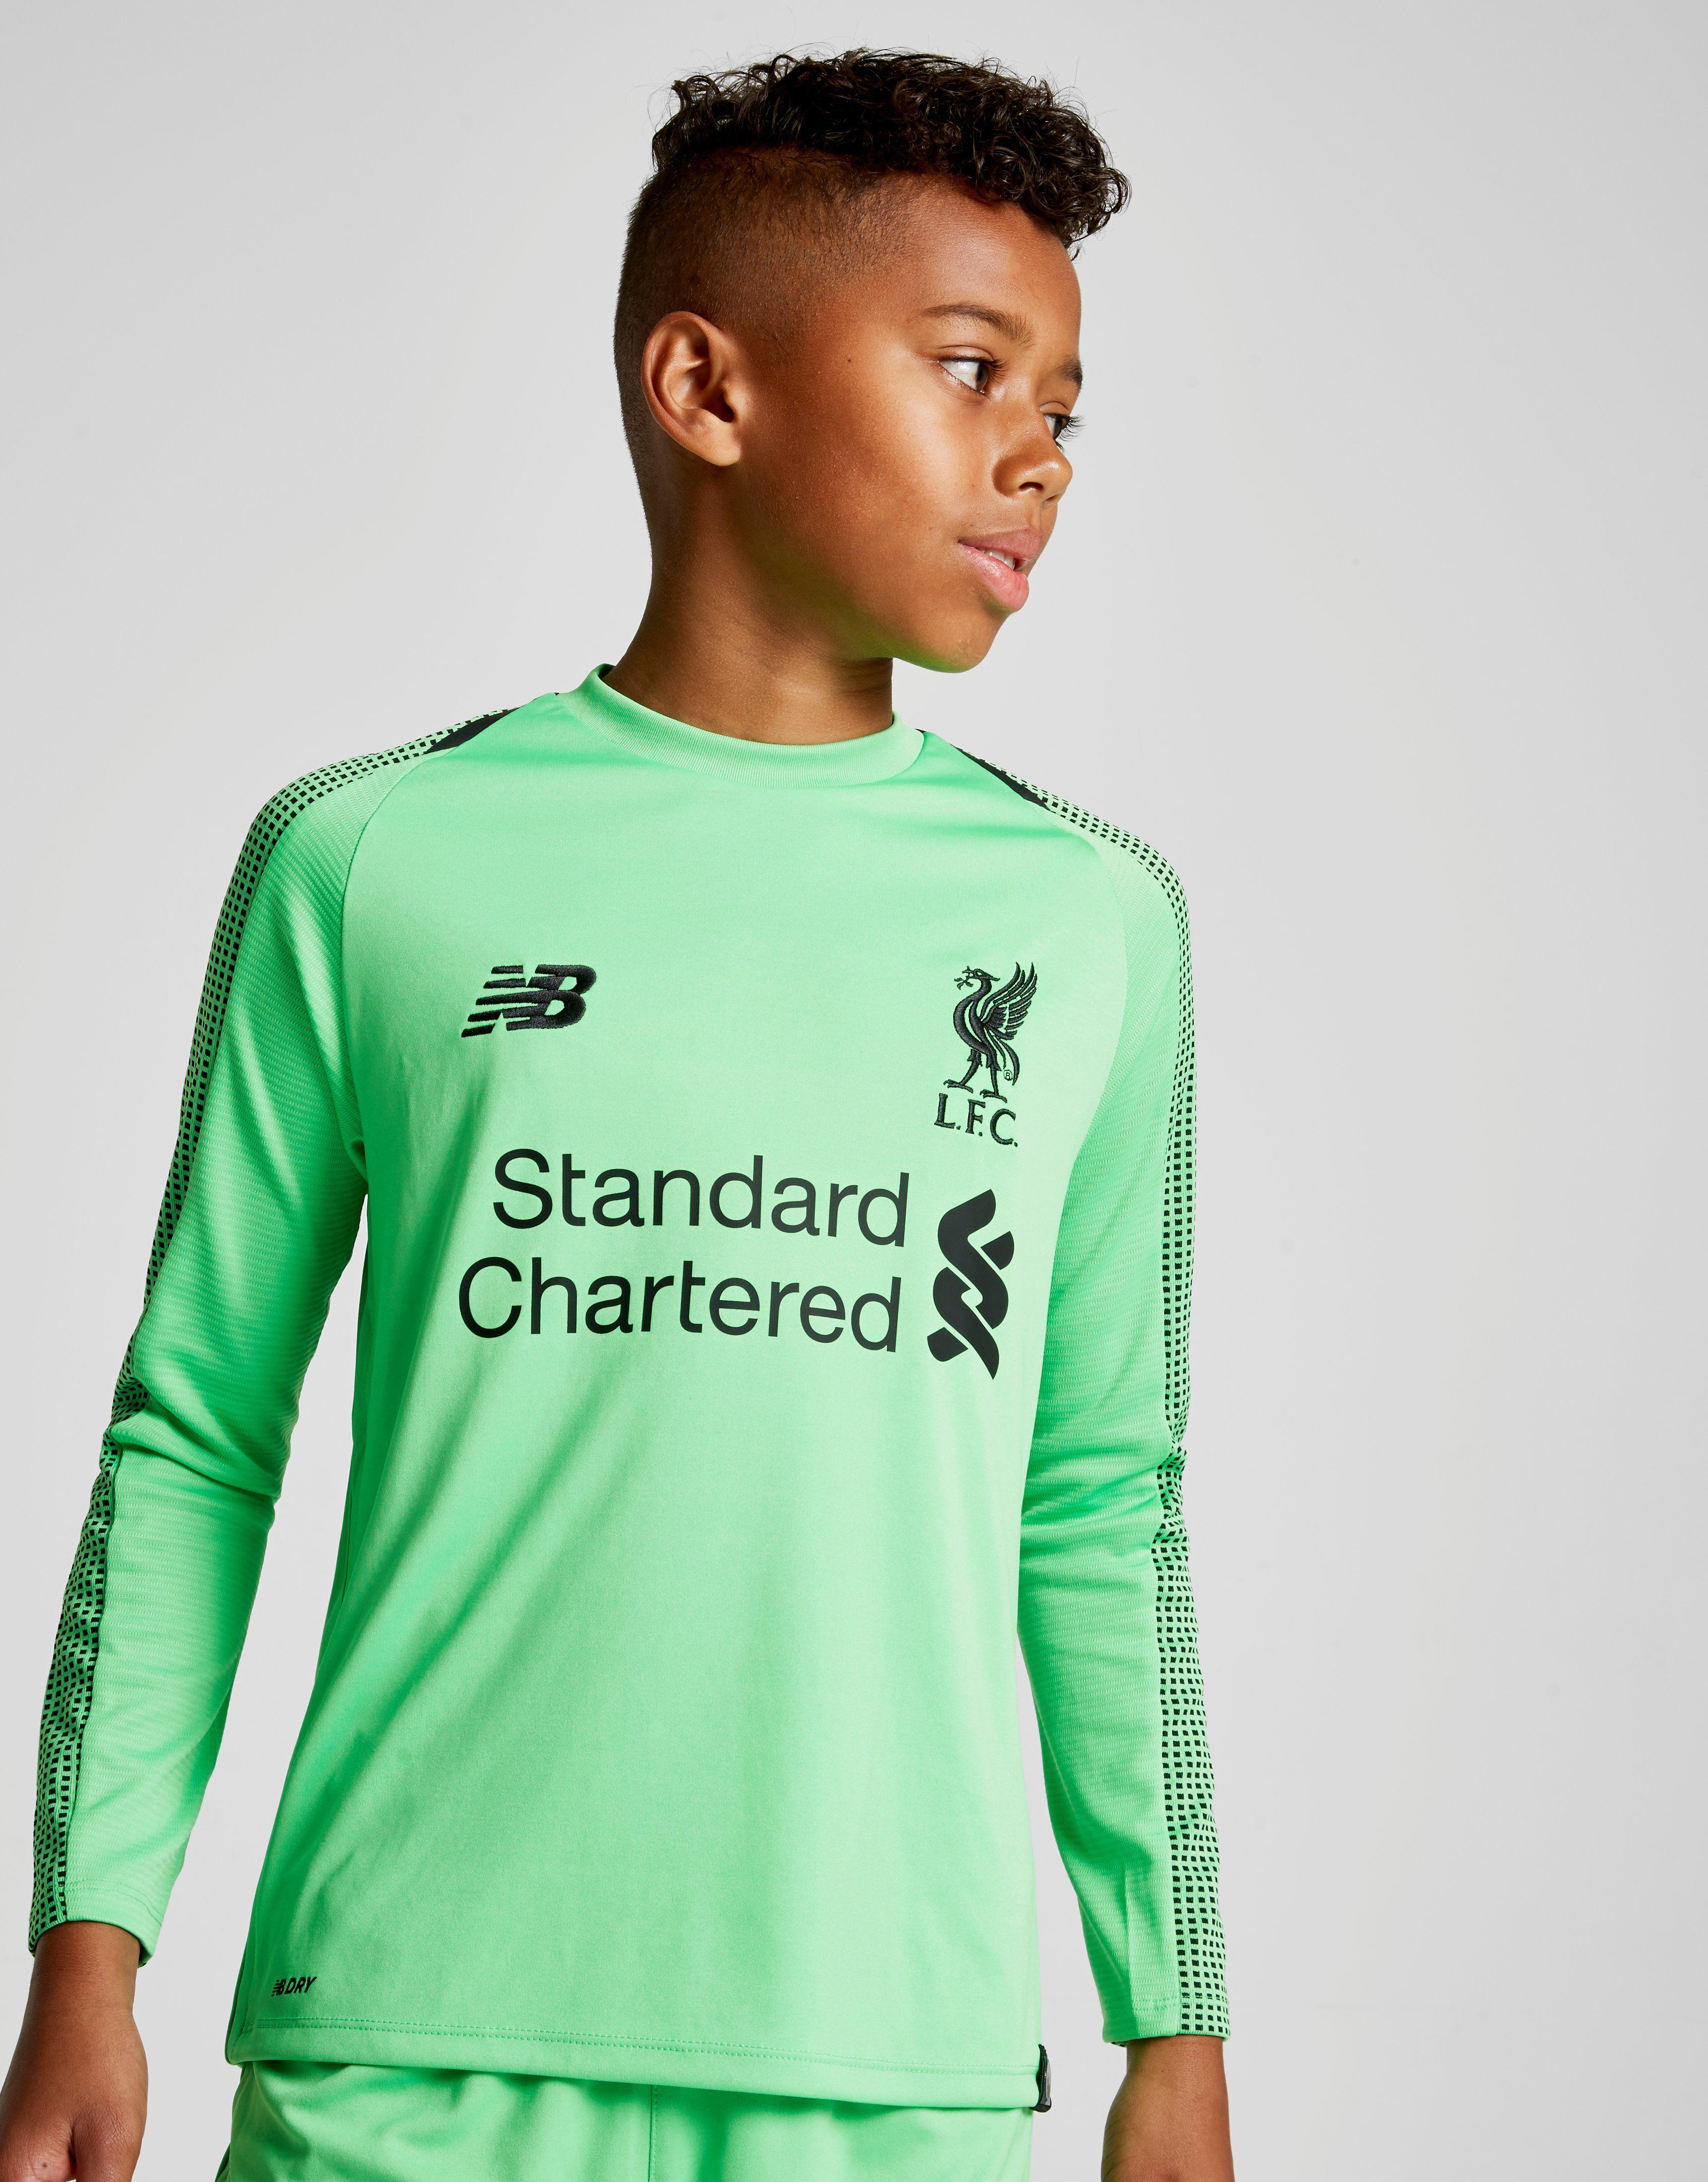 New Balance camiseta de portero 2.ª equipación Liverpool FC 2018/19 júnior